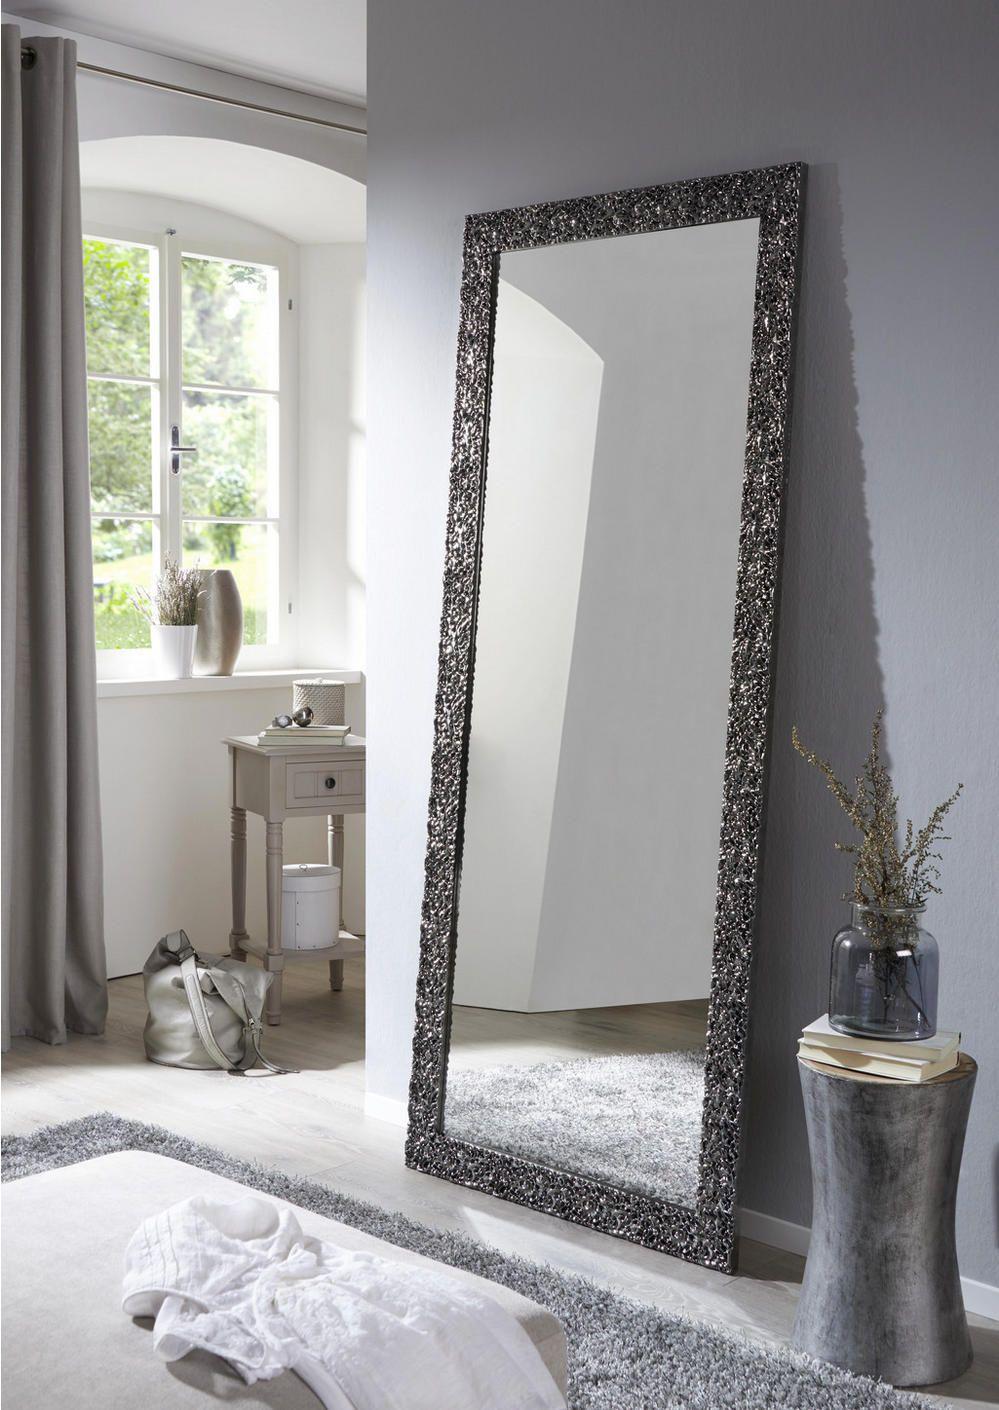 Wandspiegel, Standspiegel, Spiegel mit Metallrahmen, Deko Spiegel